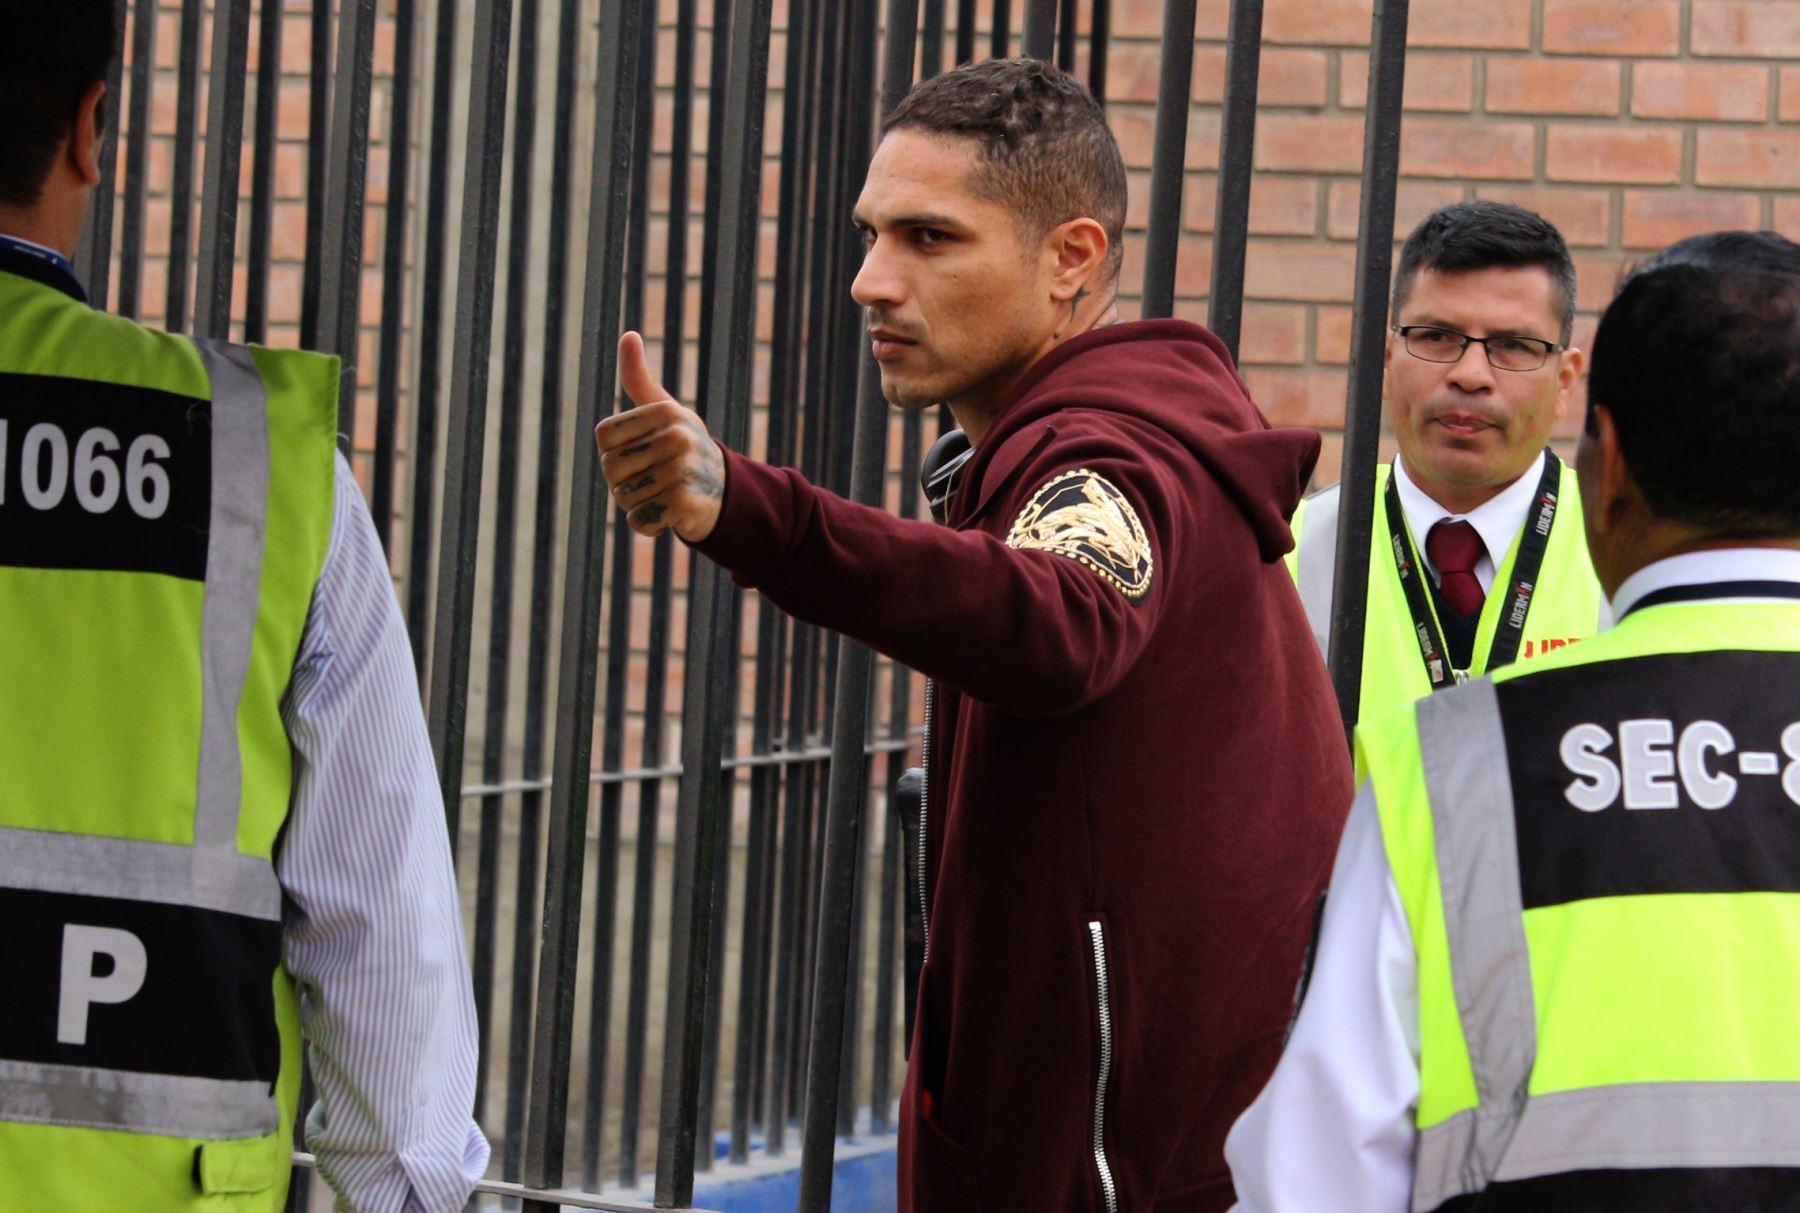 Paolo Guerrero, viaja a Perú, Contranálisis, doping, suspendido, FIFA, no jugará, repechaje mundialista, Nueva Zelanda, delantero